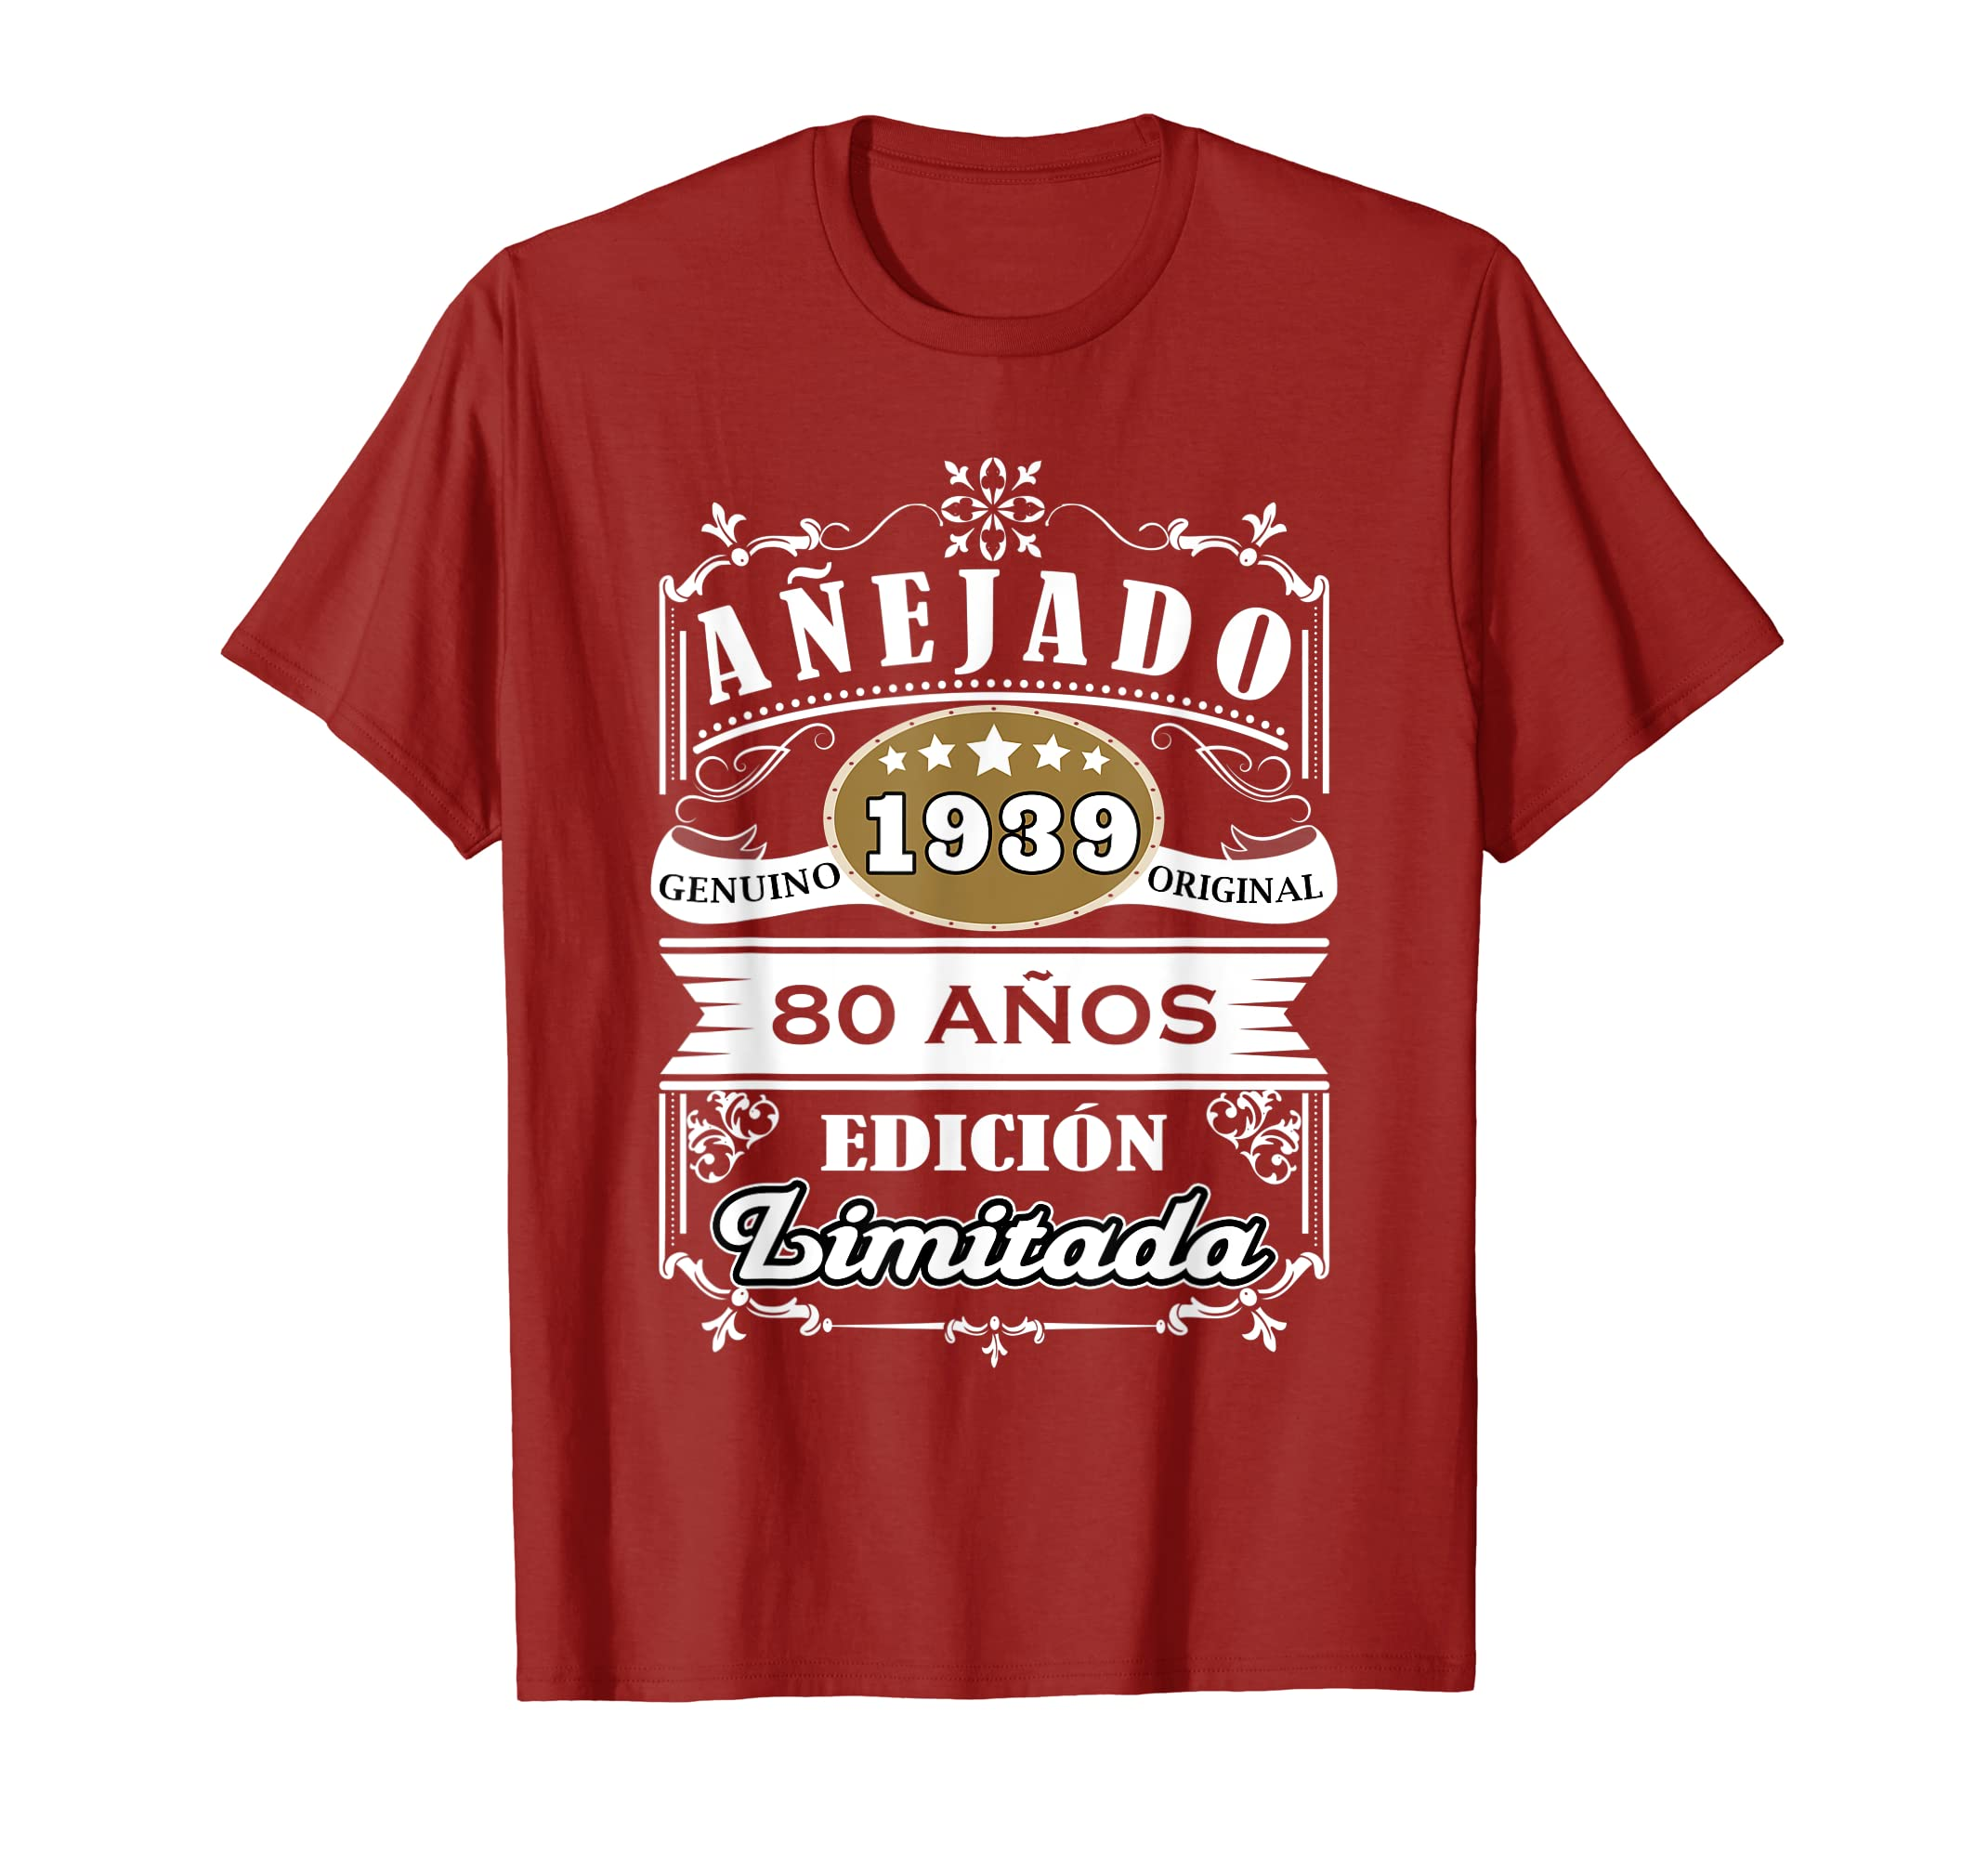 Mens Camisa Hombre Cumpleanos 80 - 1939 80 Anos Original Anejado